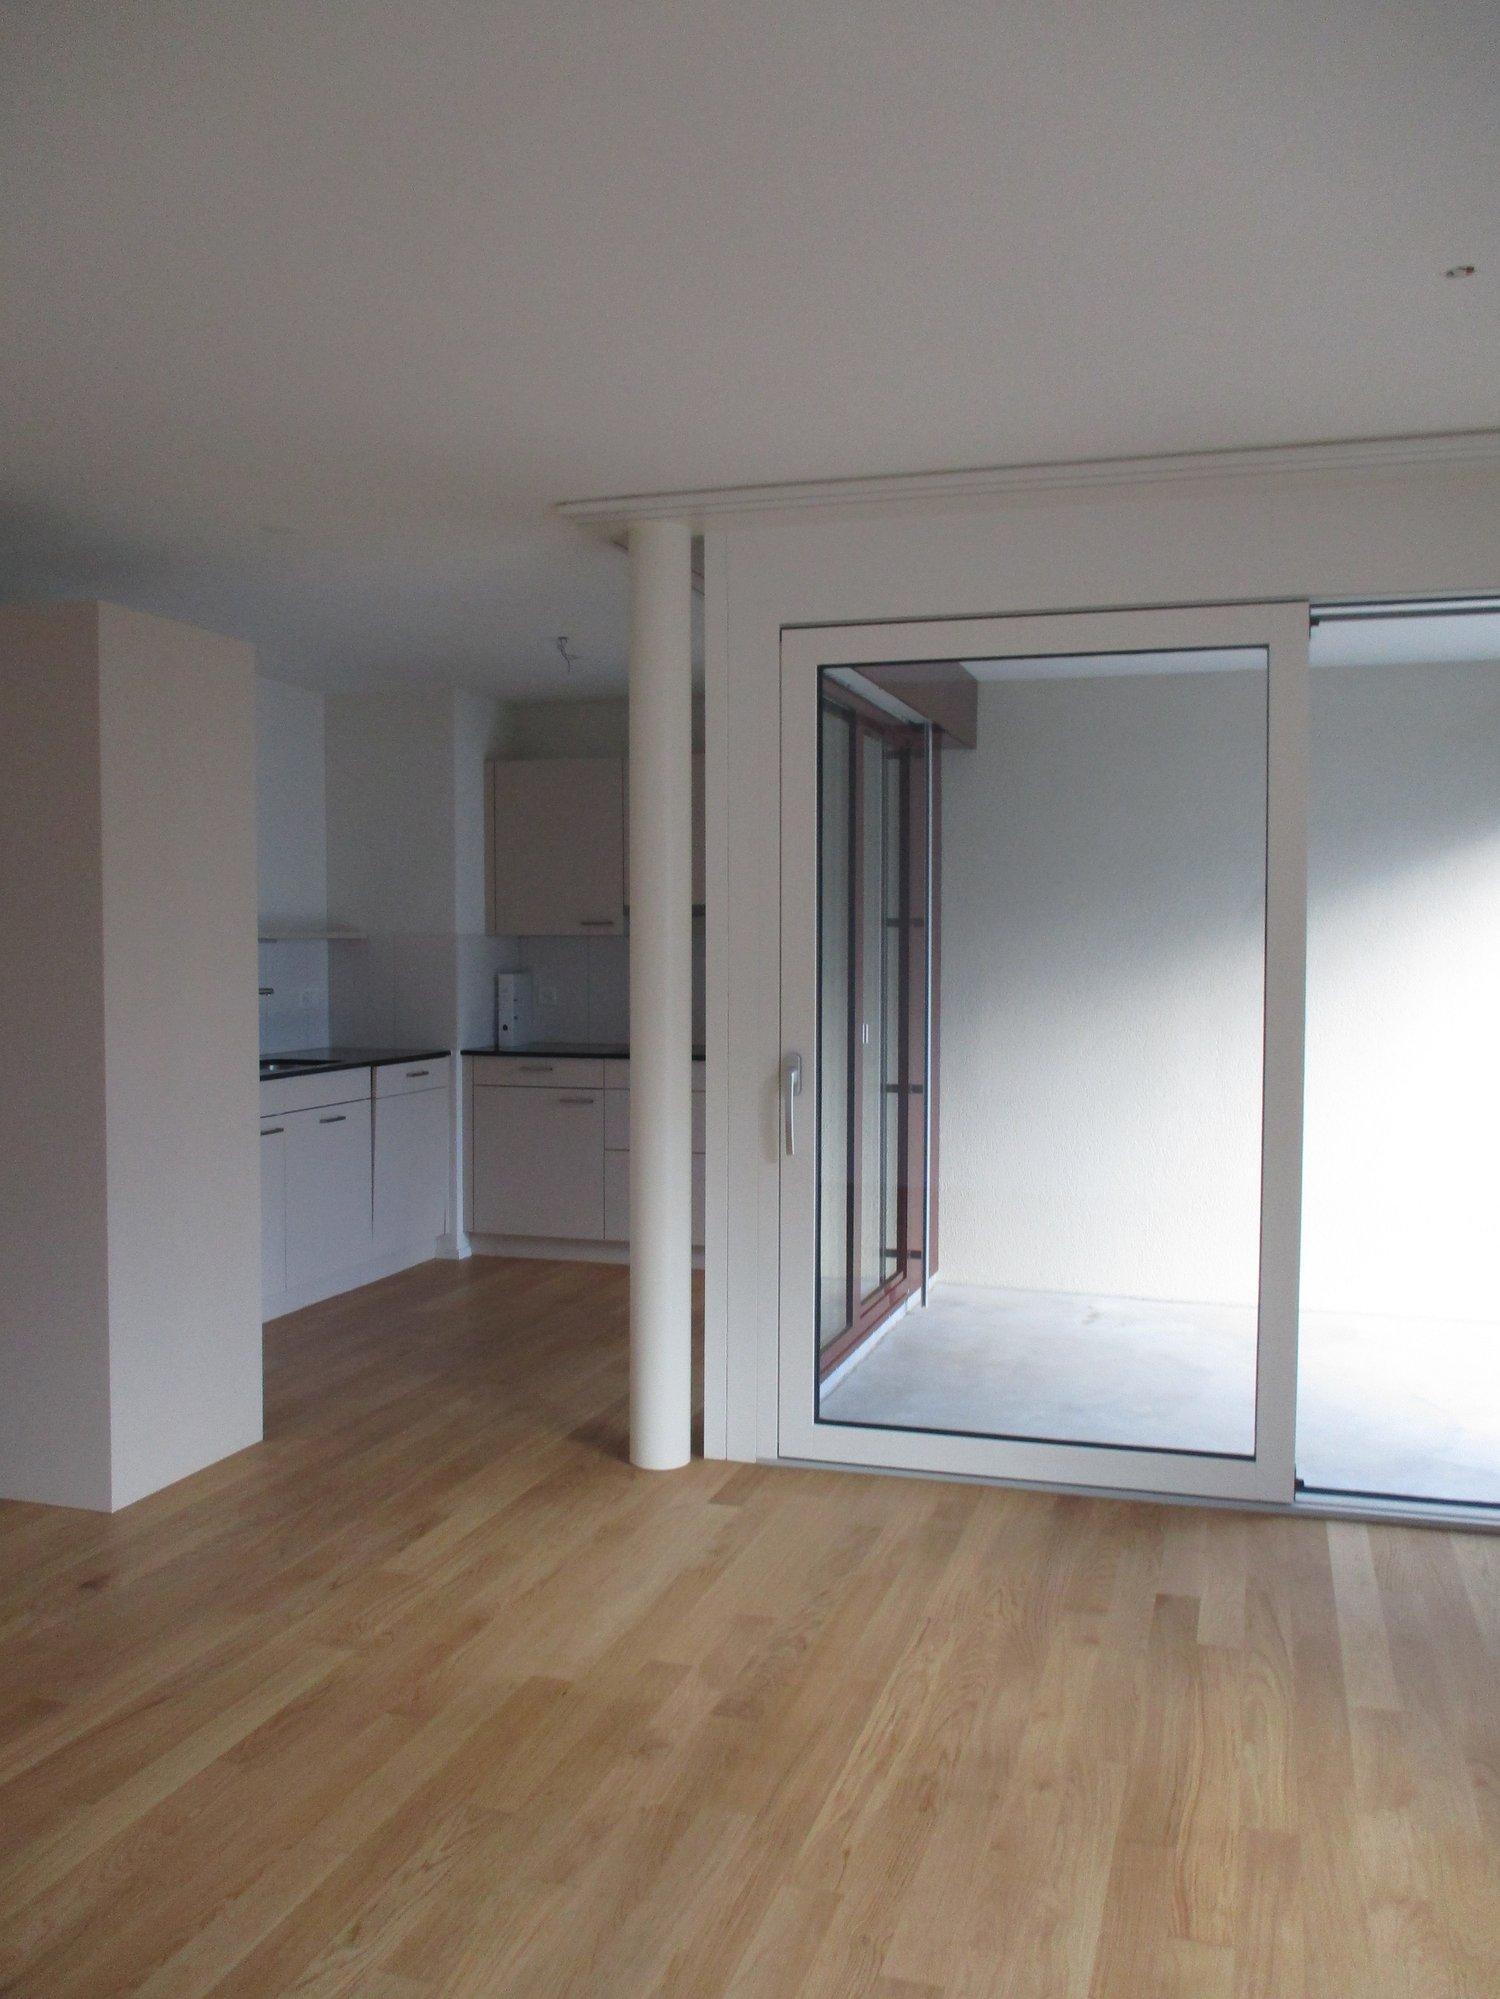 Miete: Gemütliche Wohnung in Emmenbrück